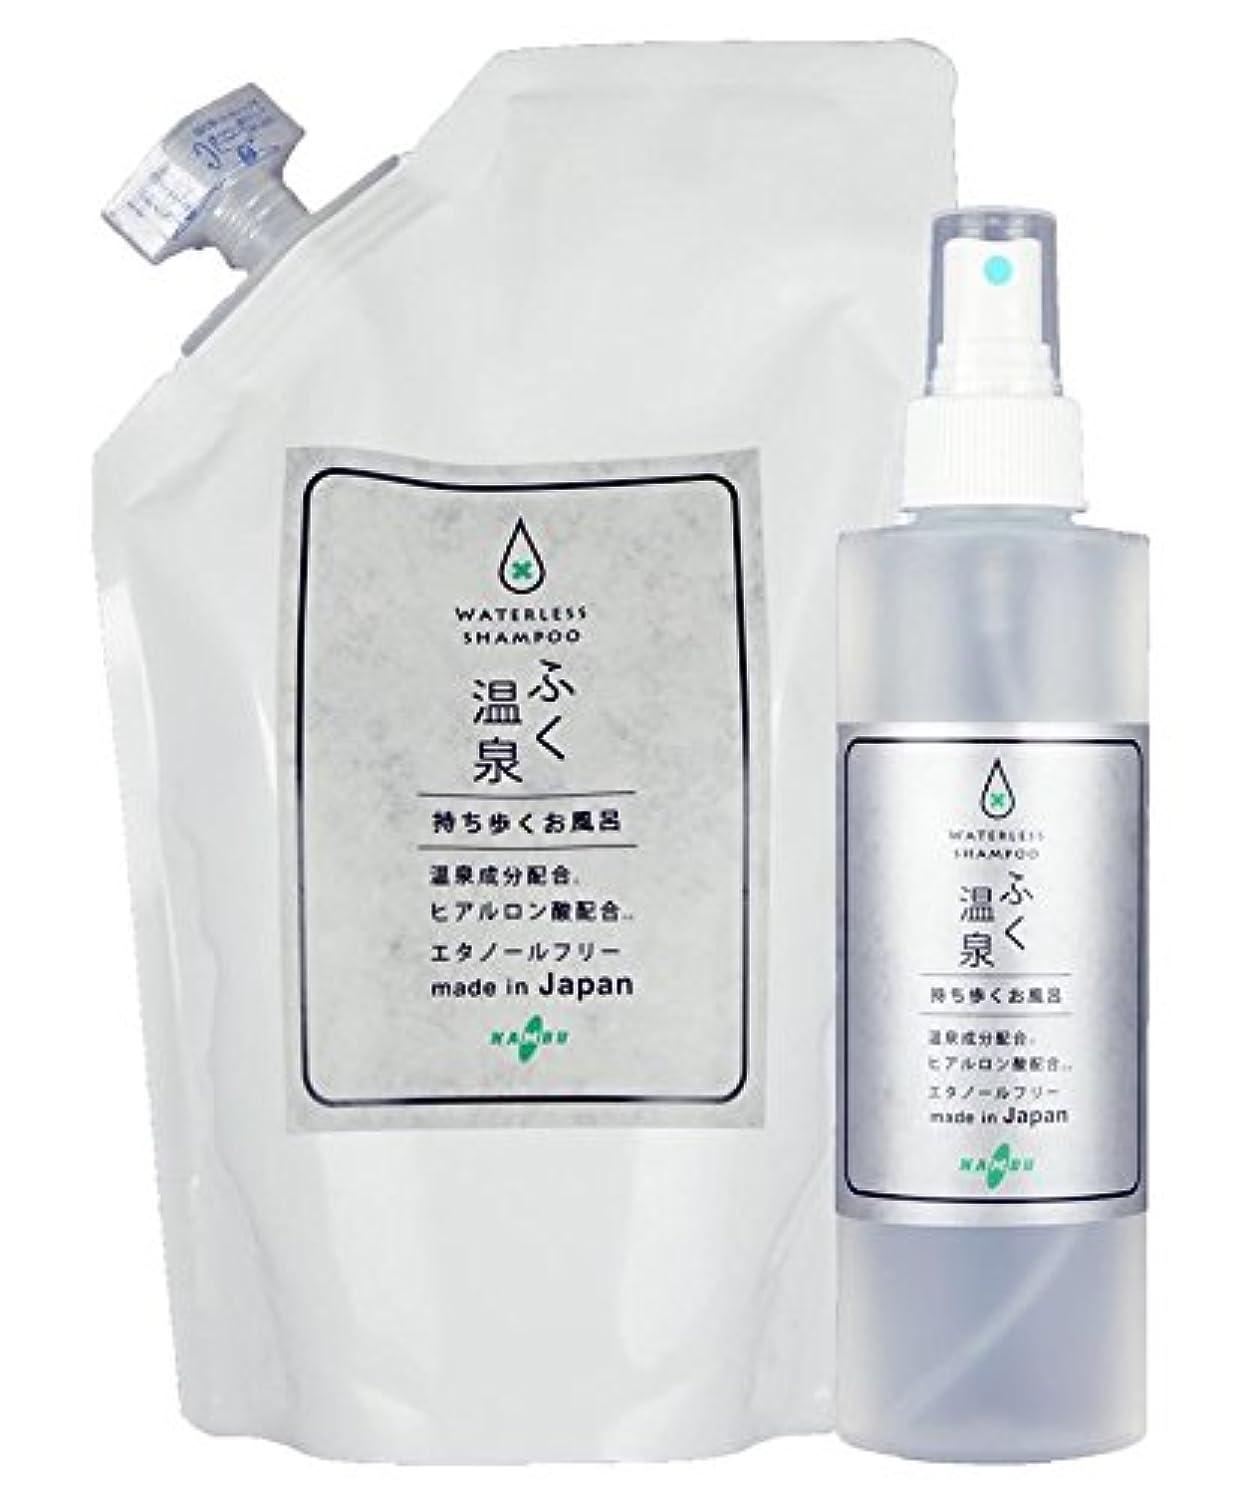 約設定ぼかす重要な役割を果たす、中心的な手段となるふくおんせん 石鹸の香り スターターセット